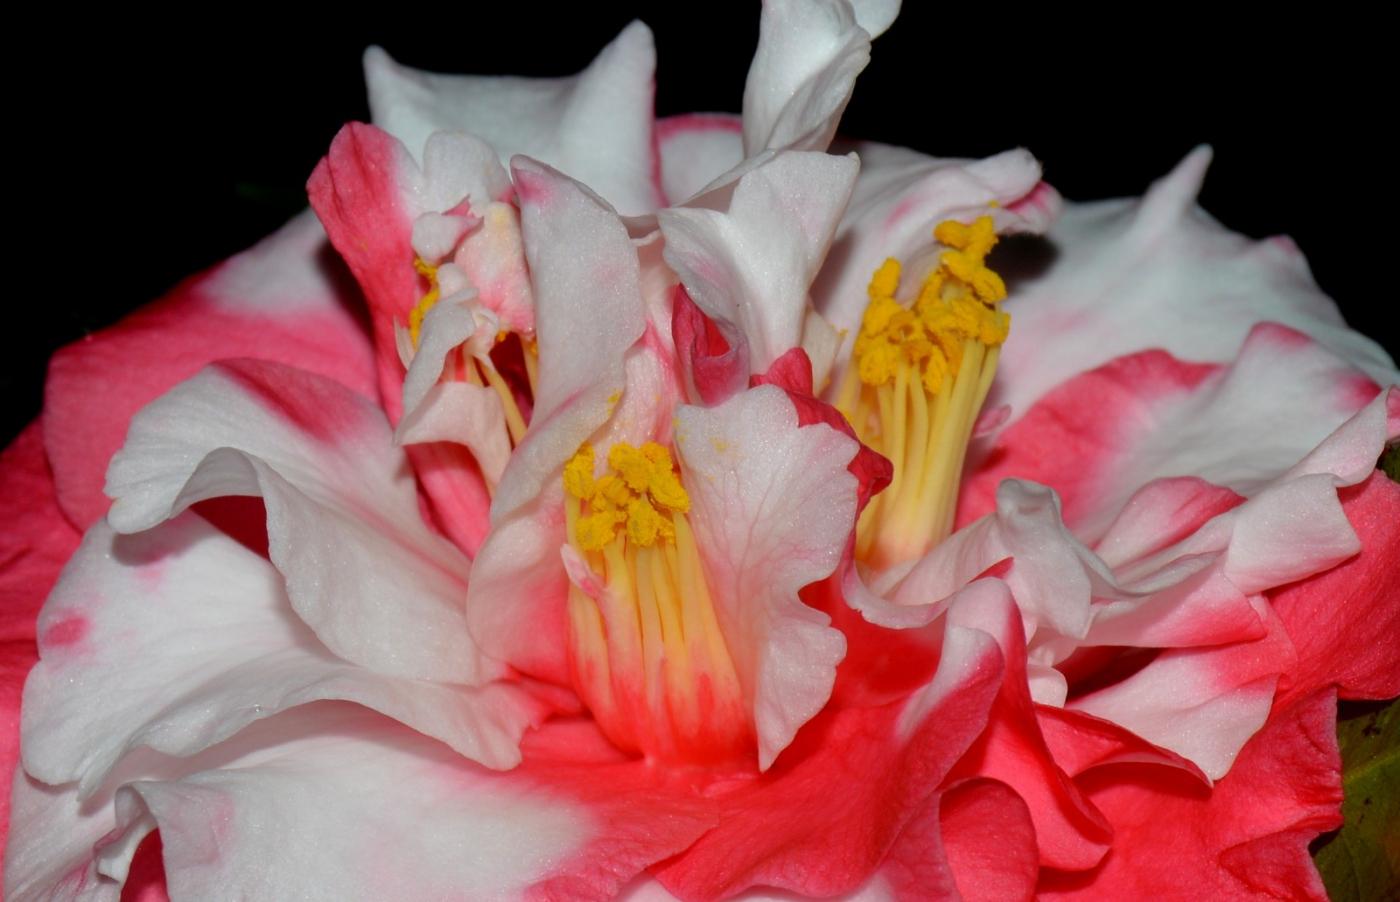 美丽的花蕊 (1)_图1-9